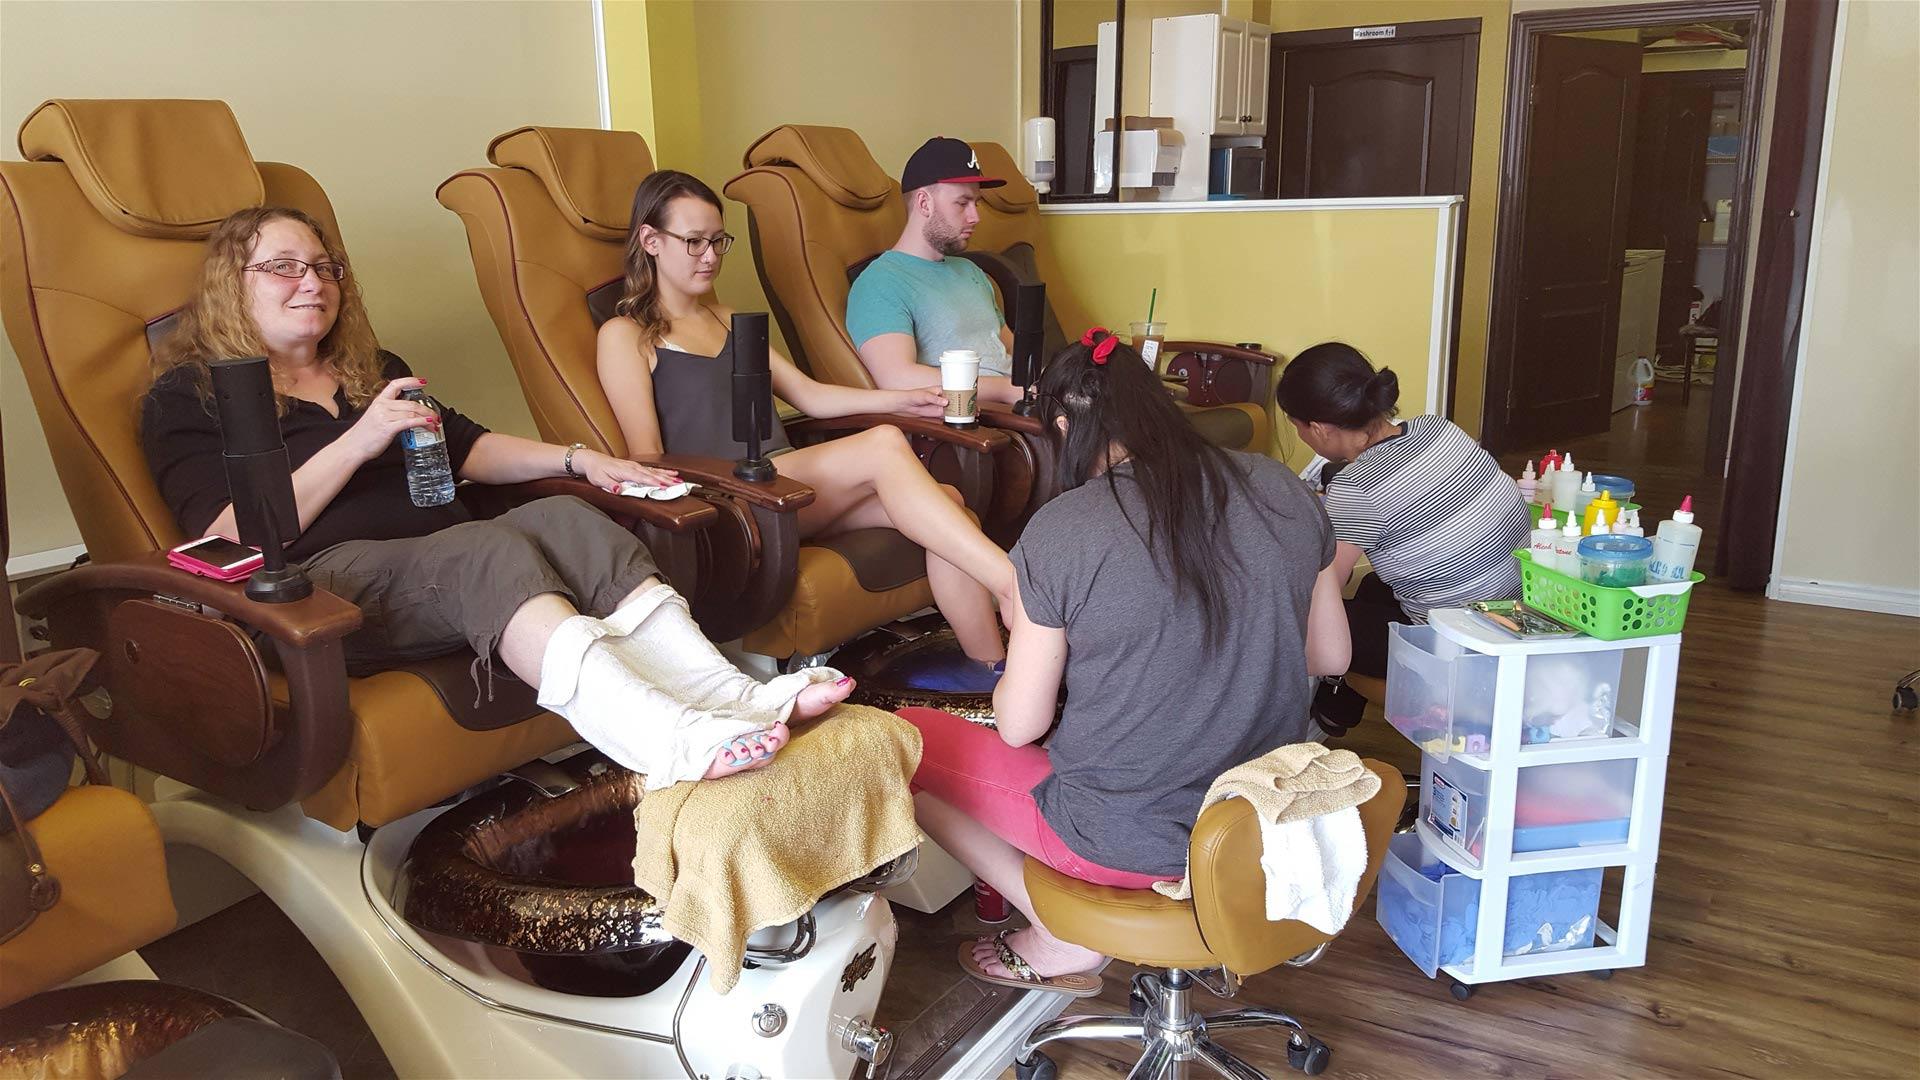 Le\'s Nail Salon - Downtown : Lethbridge, Alberta